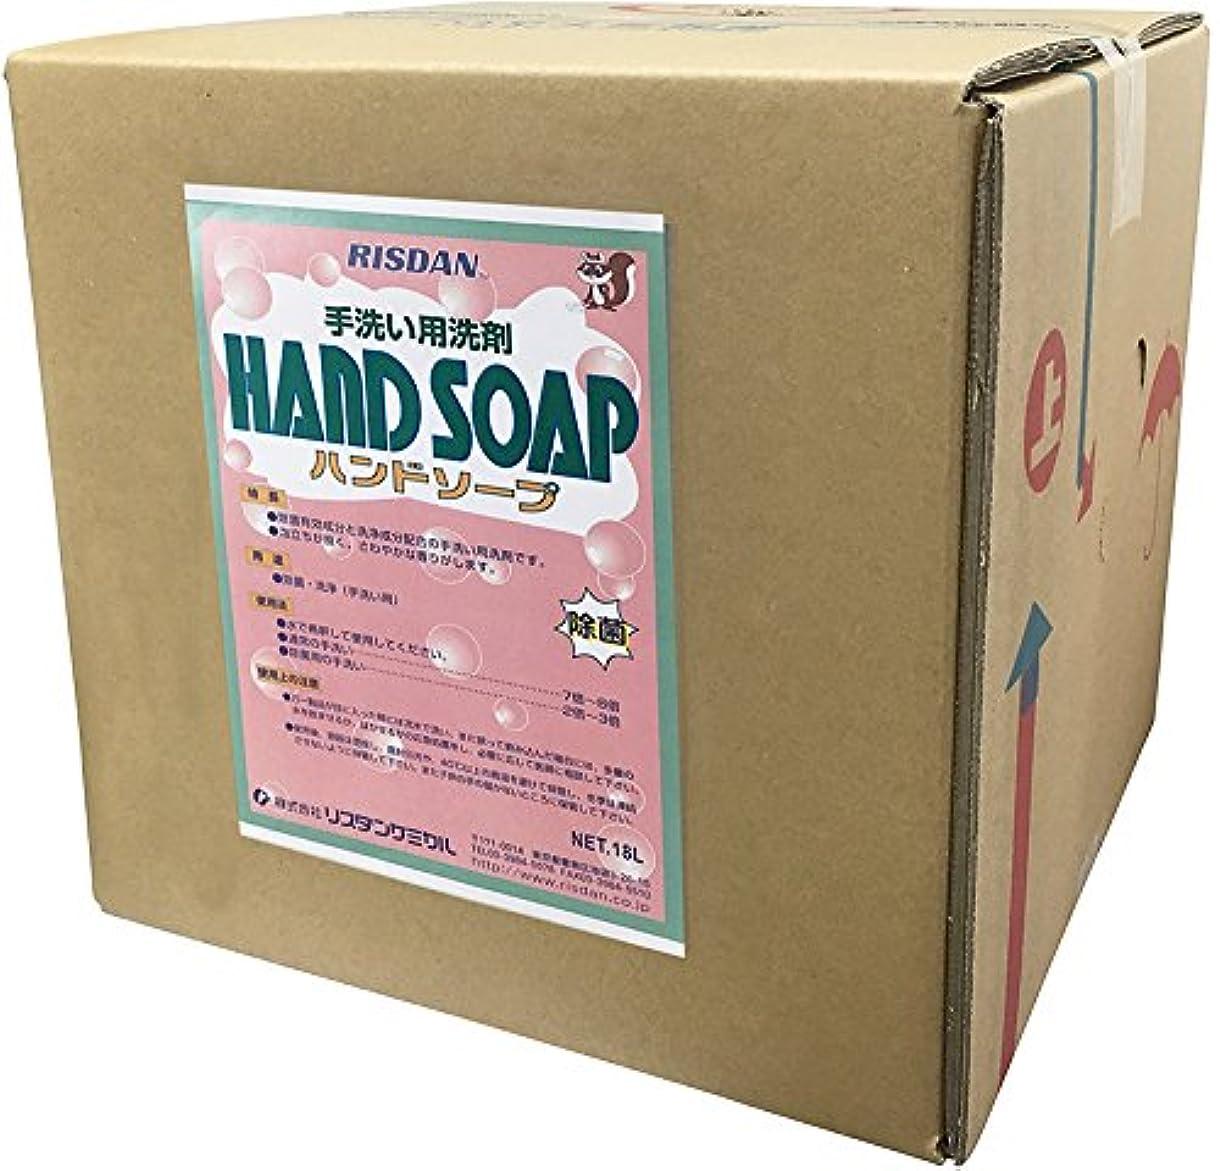 後バージンボランティアリスダンケミカル ハンドソープ 18L 手洗い用洗剤